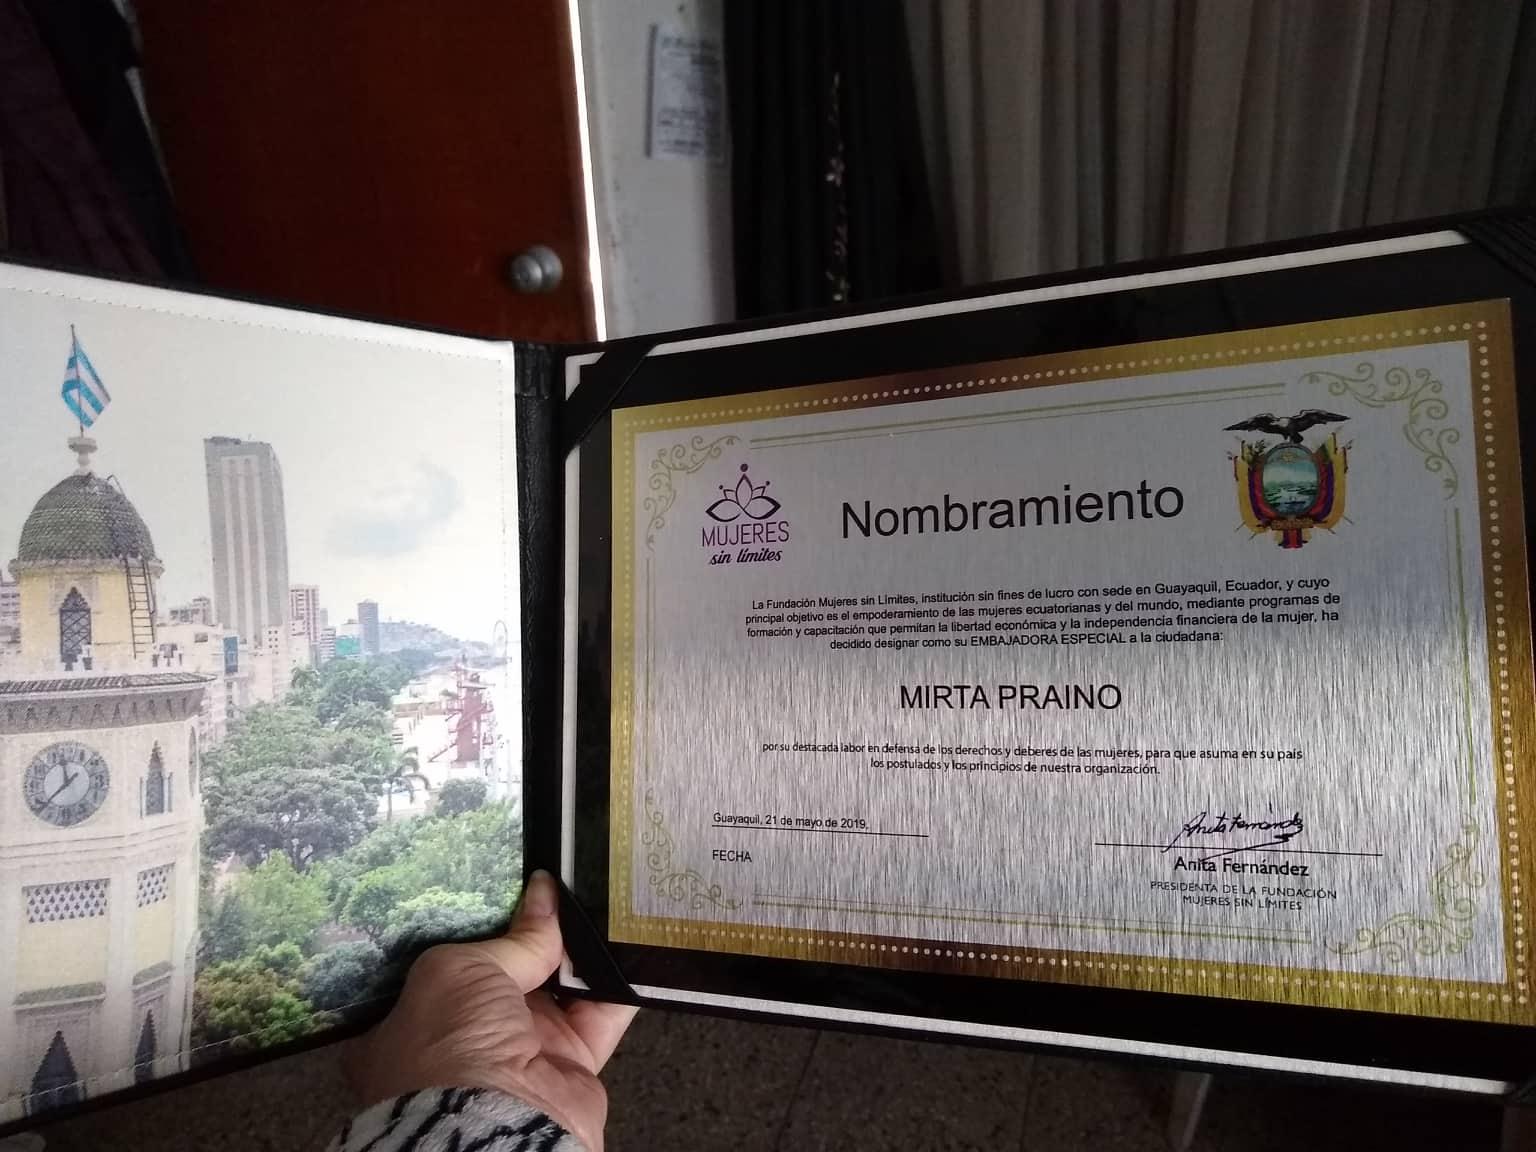 Nombramiento por la Fundacion Mujeres Sin Limites como EMBAJADORA ESPECIAL  Guayaquil-Ecuador